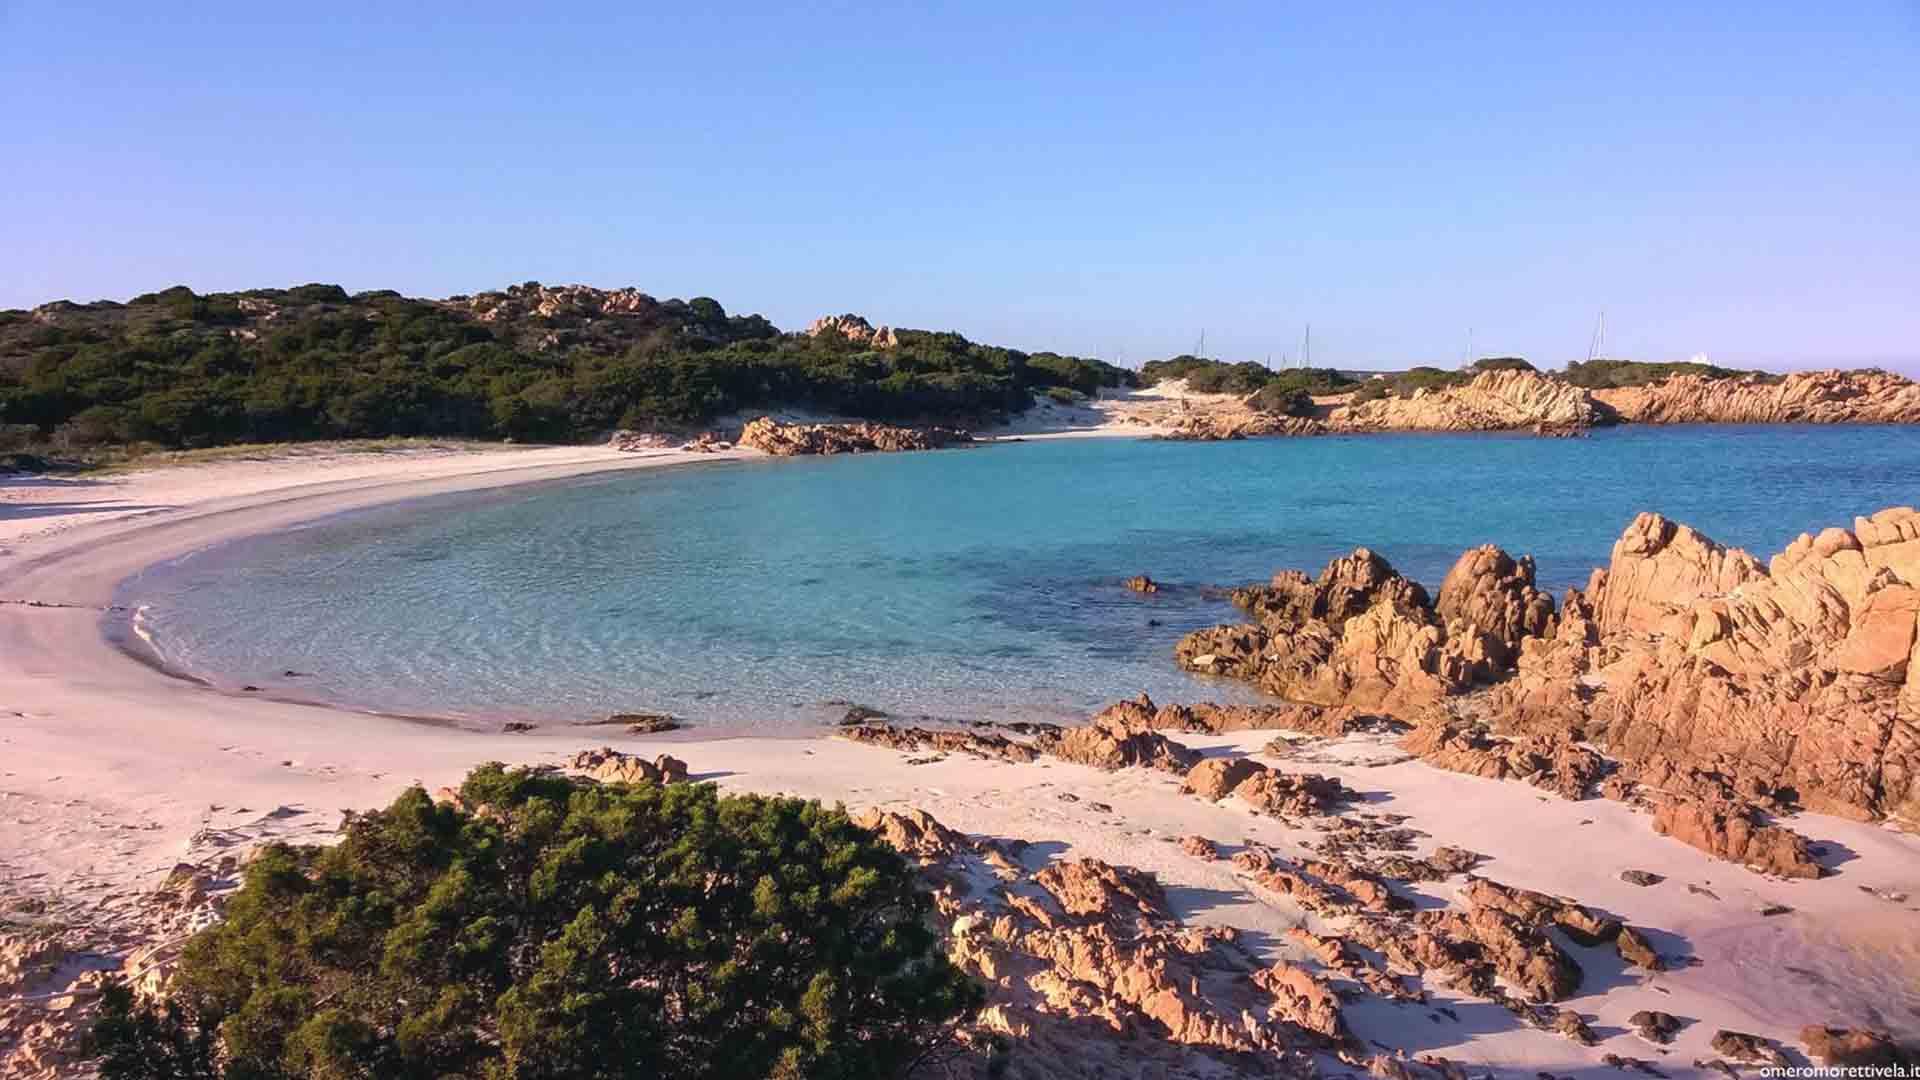 Il turismo mordi e fuggi stava per distruggere la Spiaggia Rosa